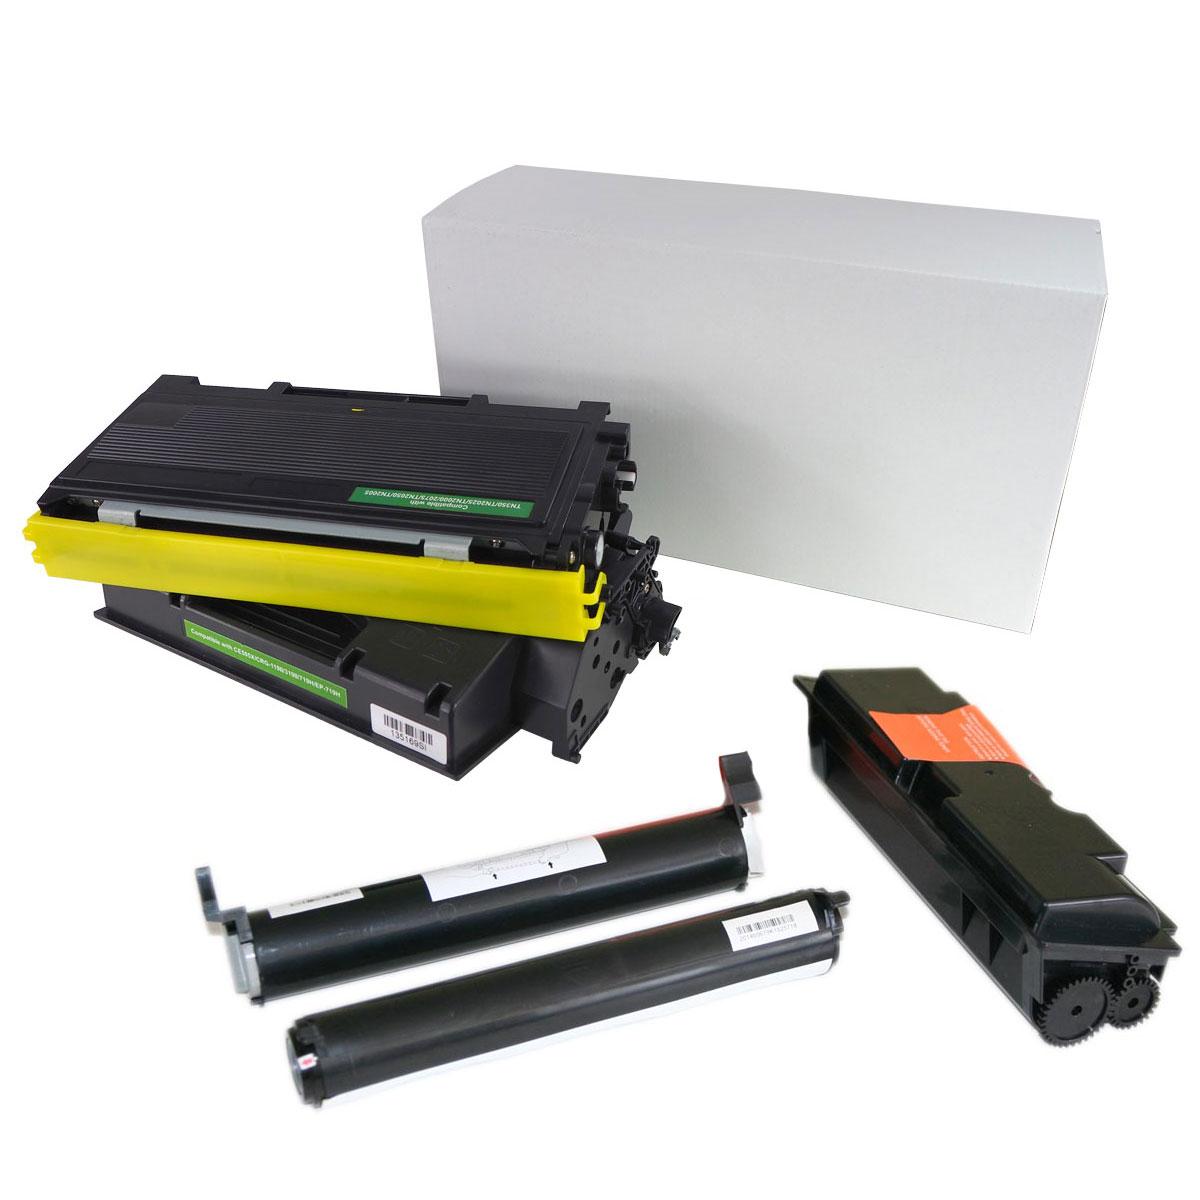 Toner Canon i-Sensys LBP 6030 Zamiennik w pudełku eko